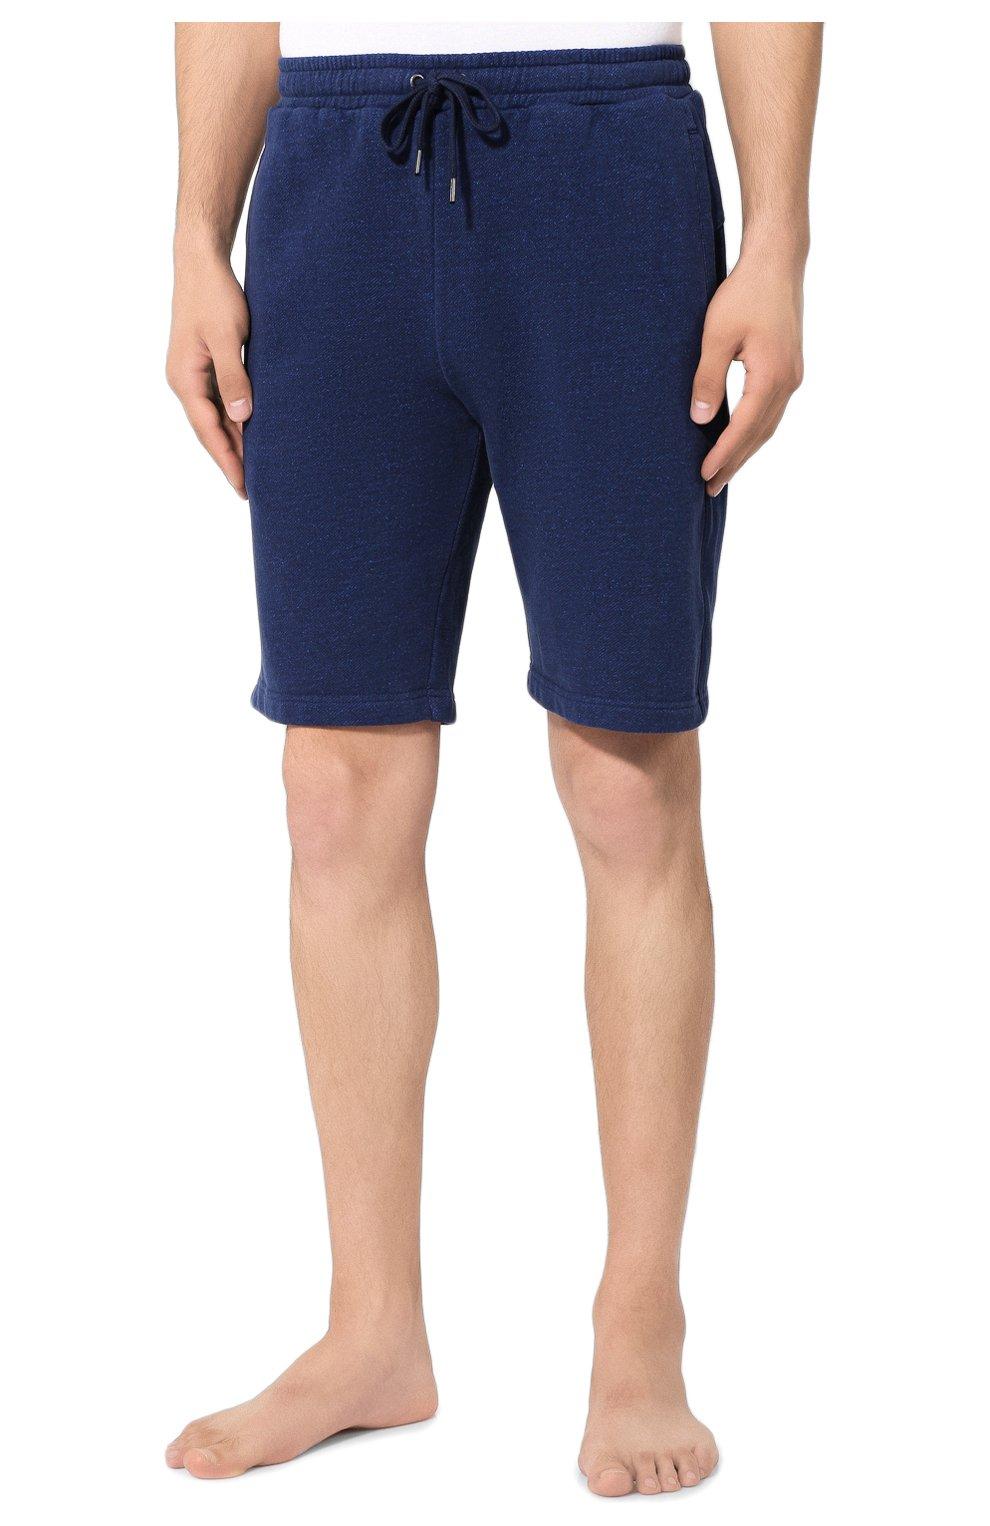 Мужские хлопковые шорты DEREK ROSE темно-синего цвета, арт. 9300-DEV0001   Фото 3 (Длина Шорты М: До колена; Принт: Без принта; Кросс-КТ: Трикотаж; Материал внешний: Хлопок; Стили: Спорт-шик)